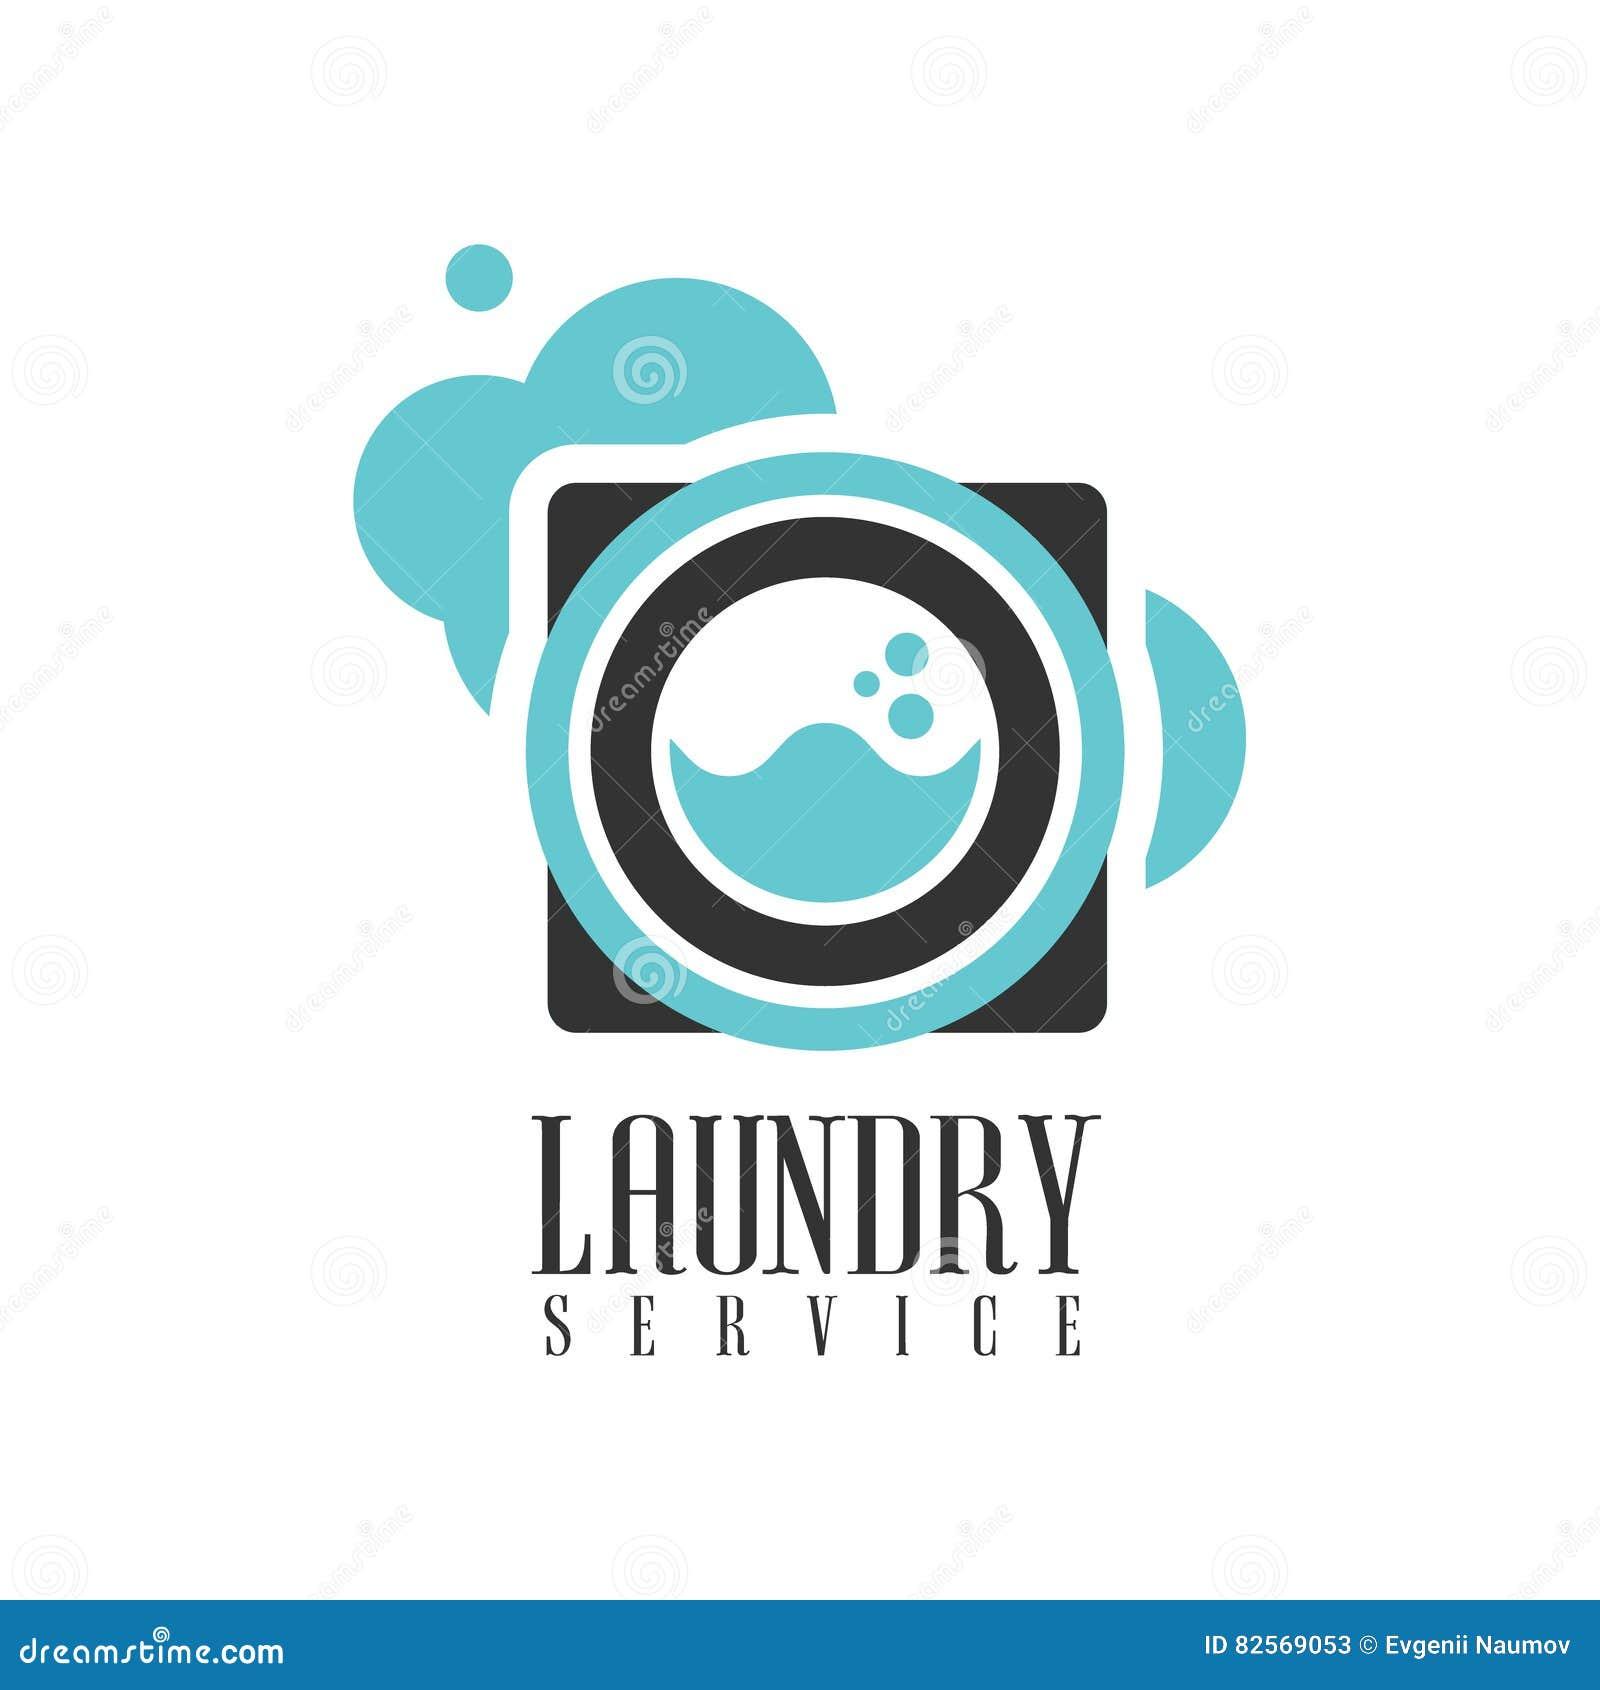 Haus-und Büro-Reinigungs-Service-Miete Logo Template With Washing ...